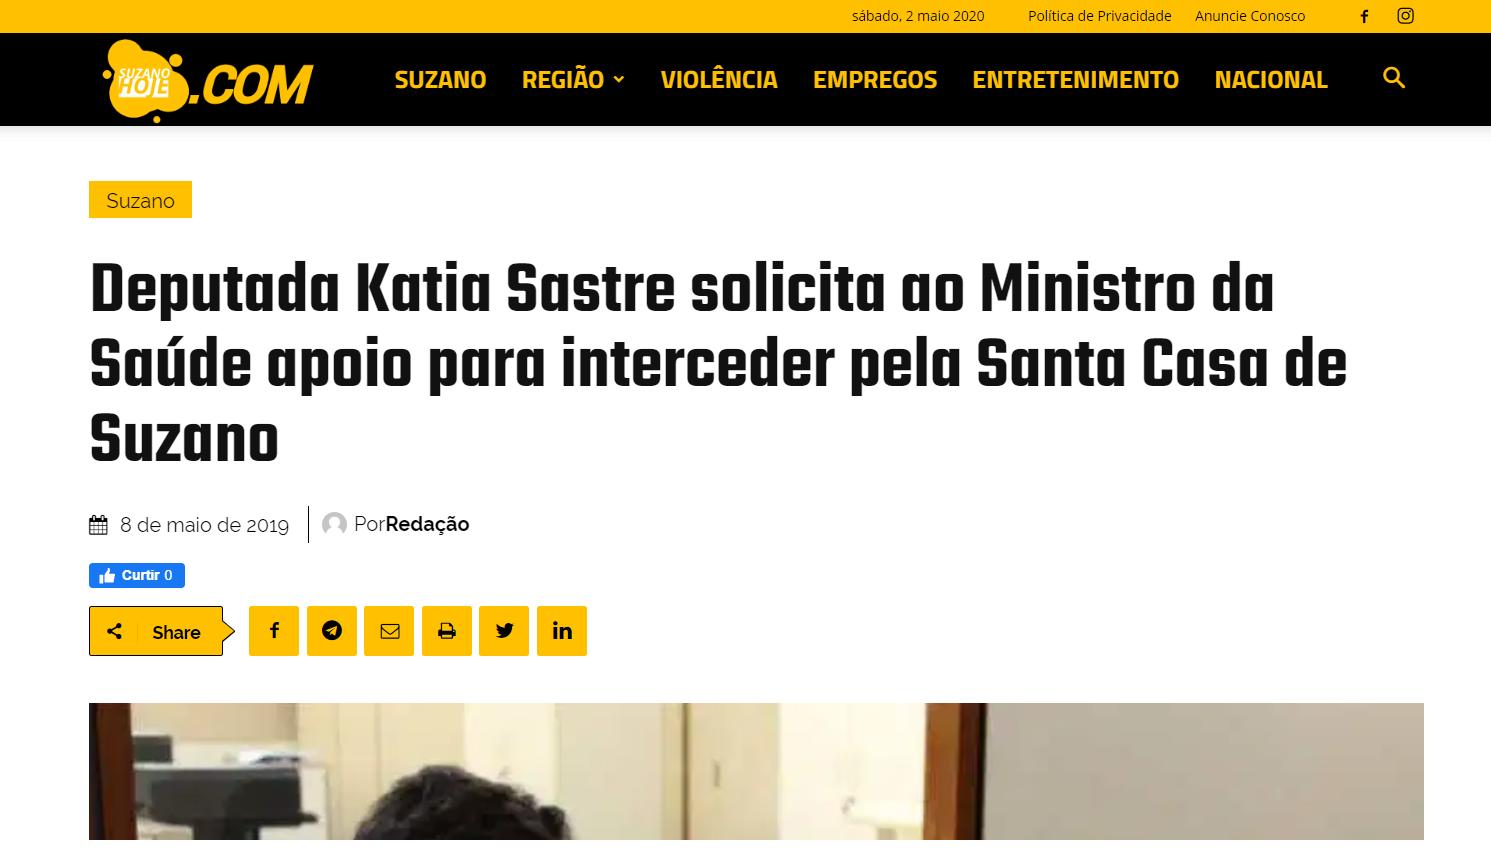 Katia Sastre solicita ao ministro da saúde apoio para interceder pela Santa Casa de Suzano